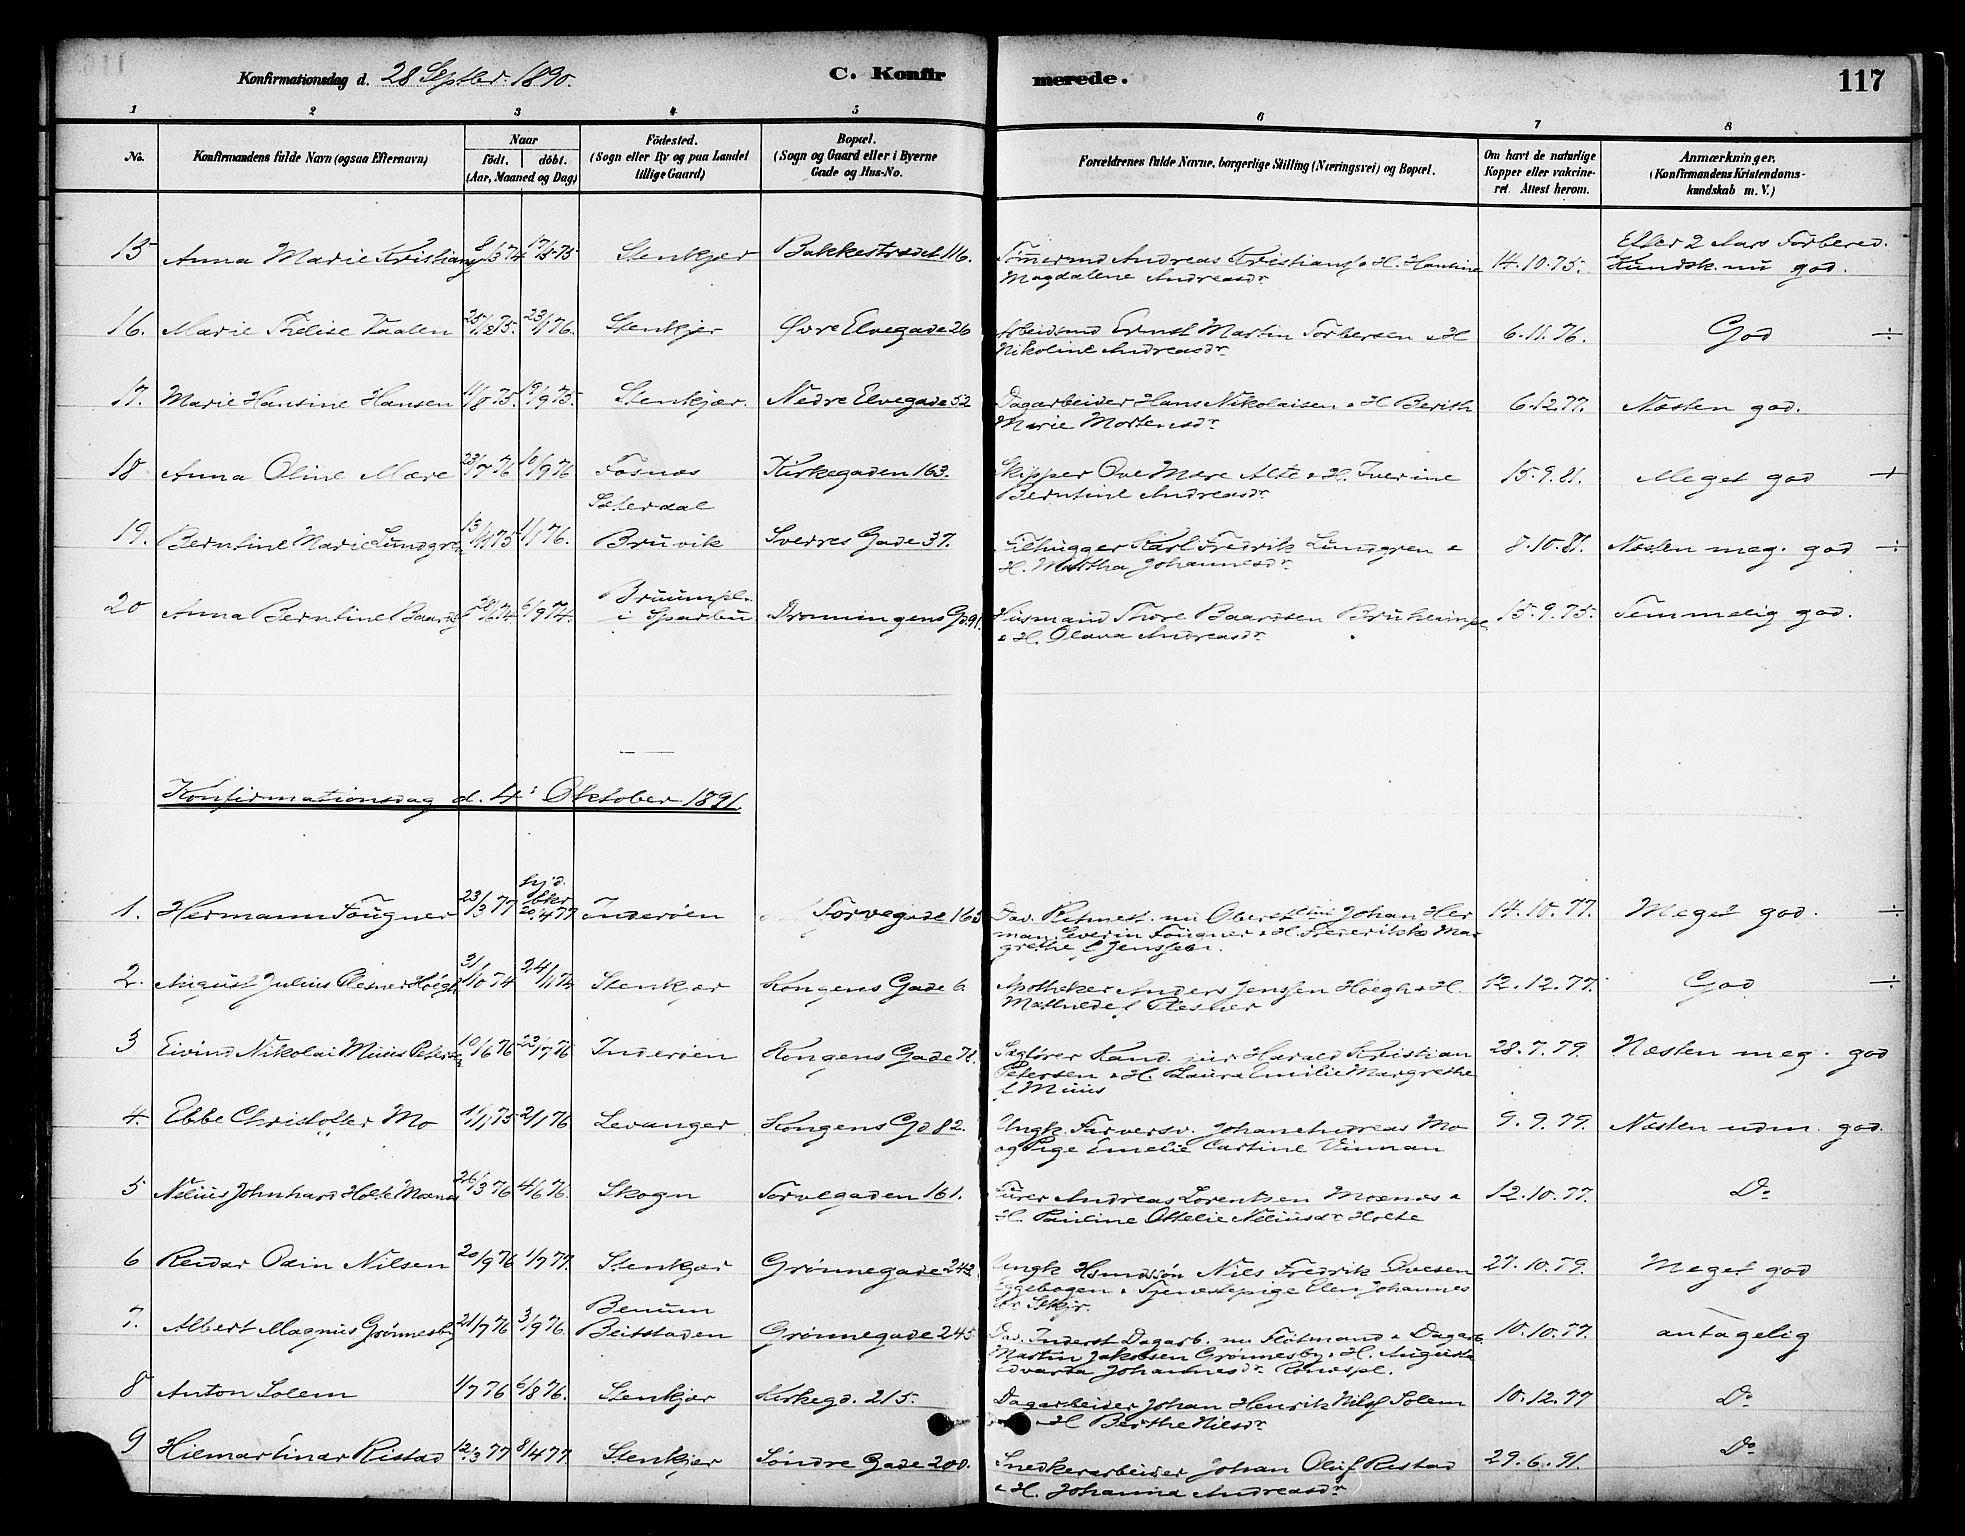 SAT, Ministerialprotokoller, klokkerbøker og fødselsregistre - Nord-Trøndelag, 739/L0371: Ministerialbok nr. 739A03, 1881-1895, s. 117